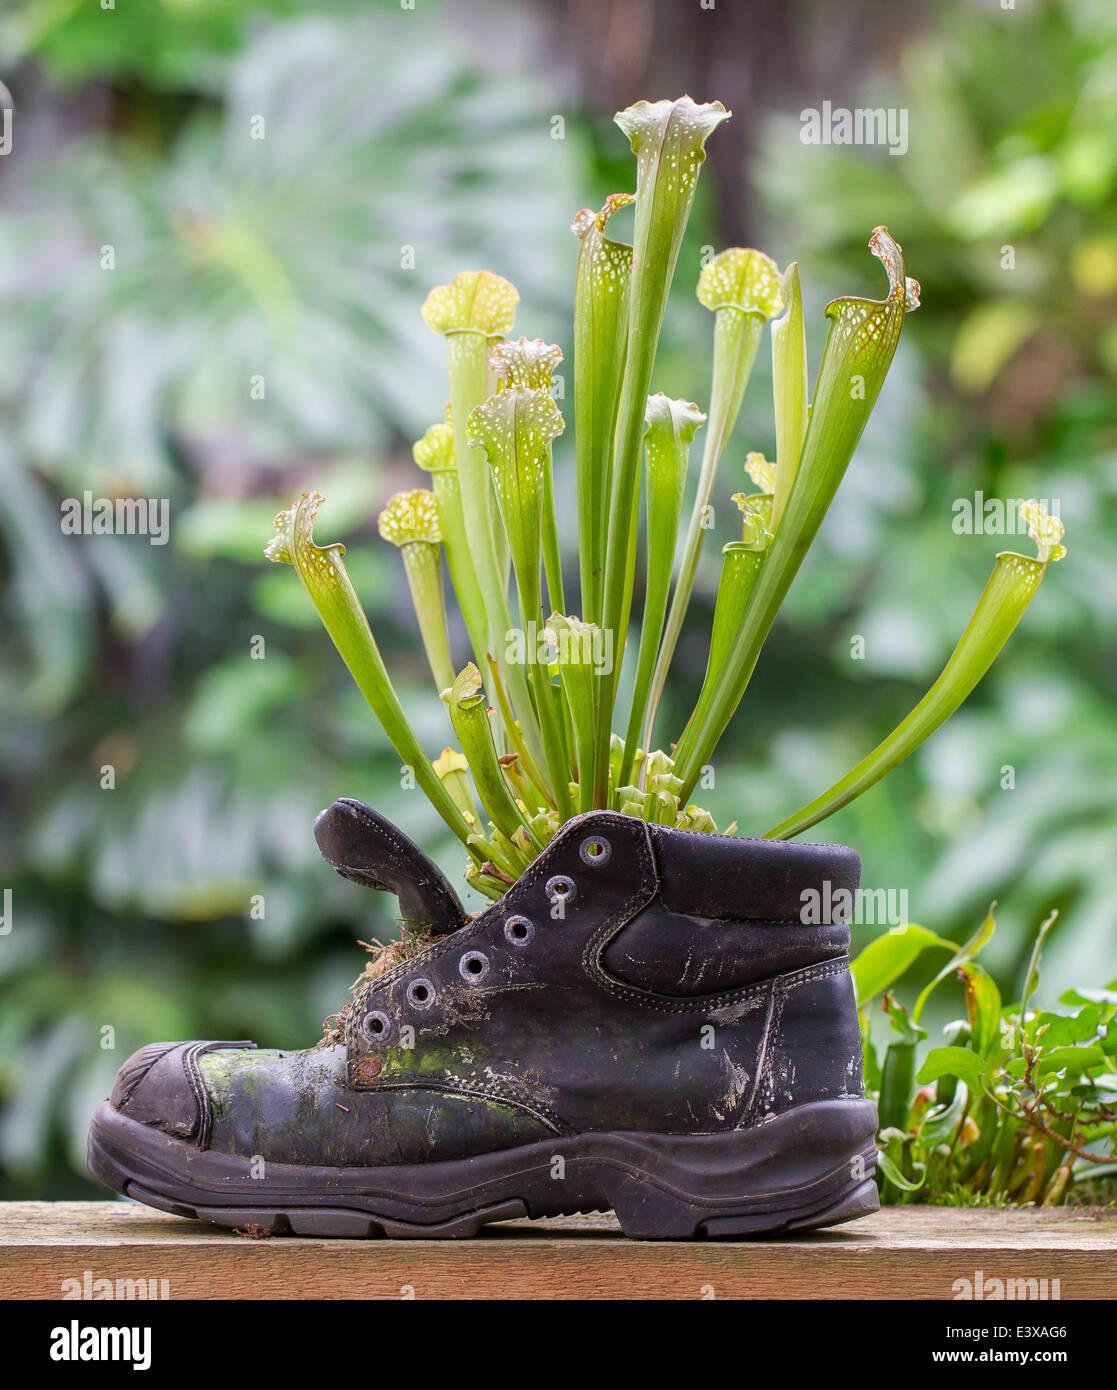 La forza della natura, lanciatore di piante in una vecchia scarpa Immagini Stock